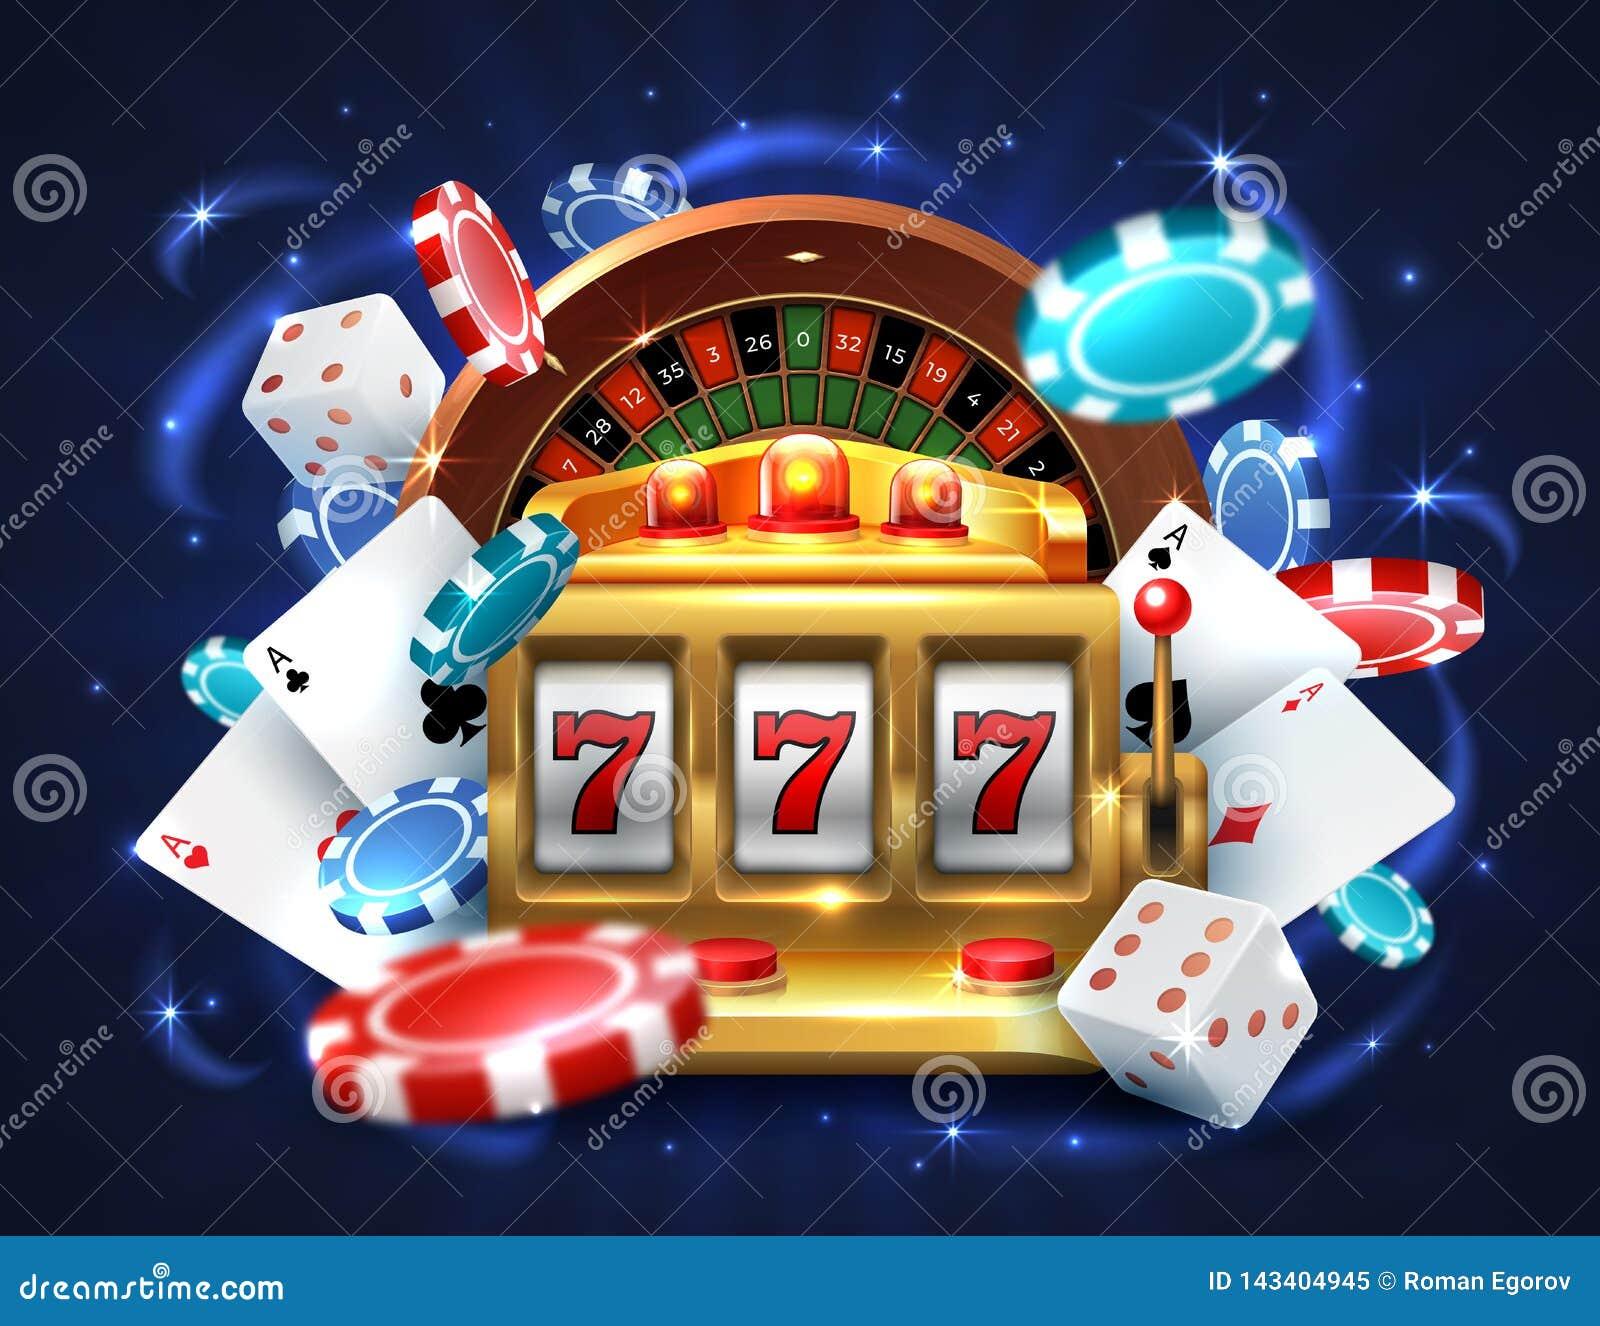 Privacidade casino 453359